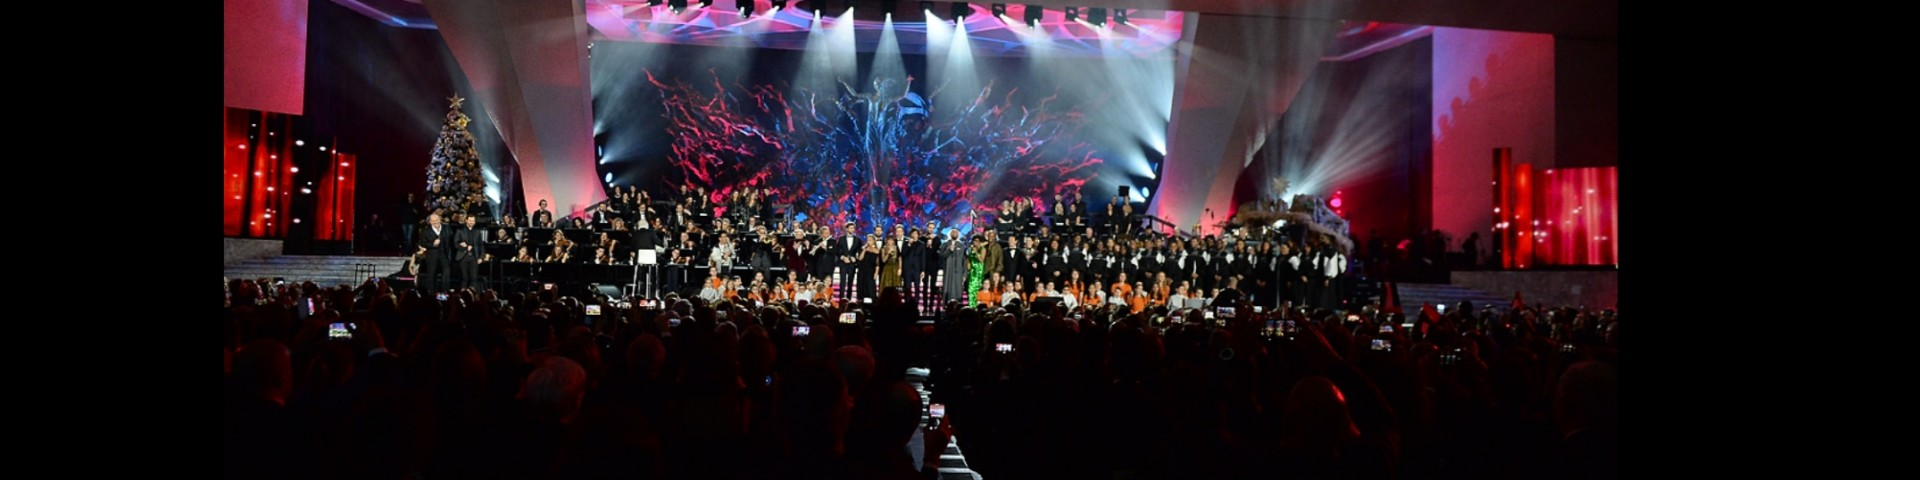 Concerto di Natale in Vaticano su Canale 5: tutti i cantanti